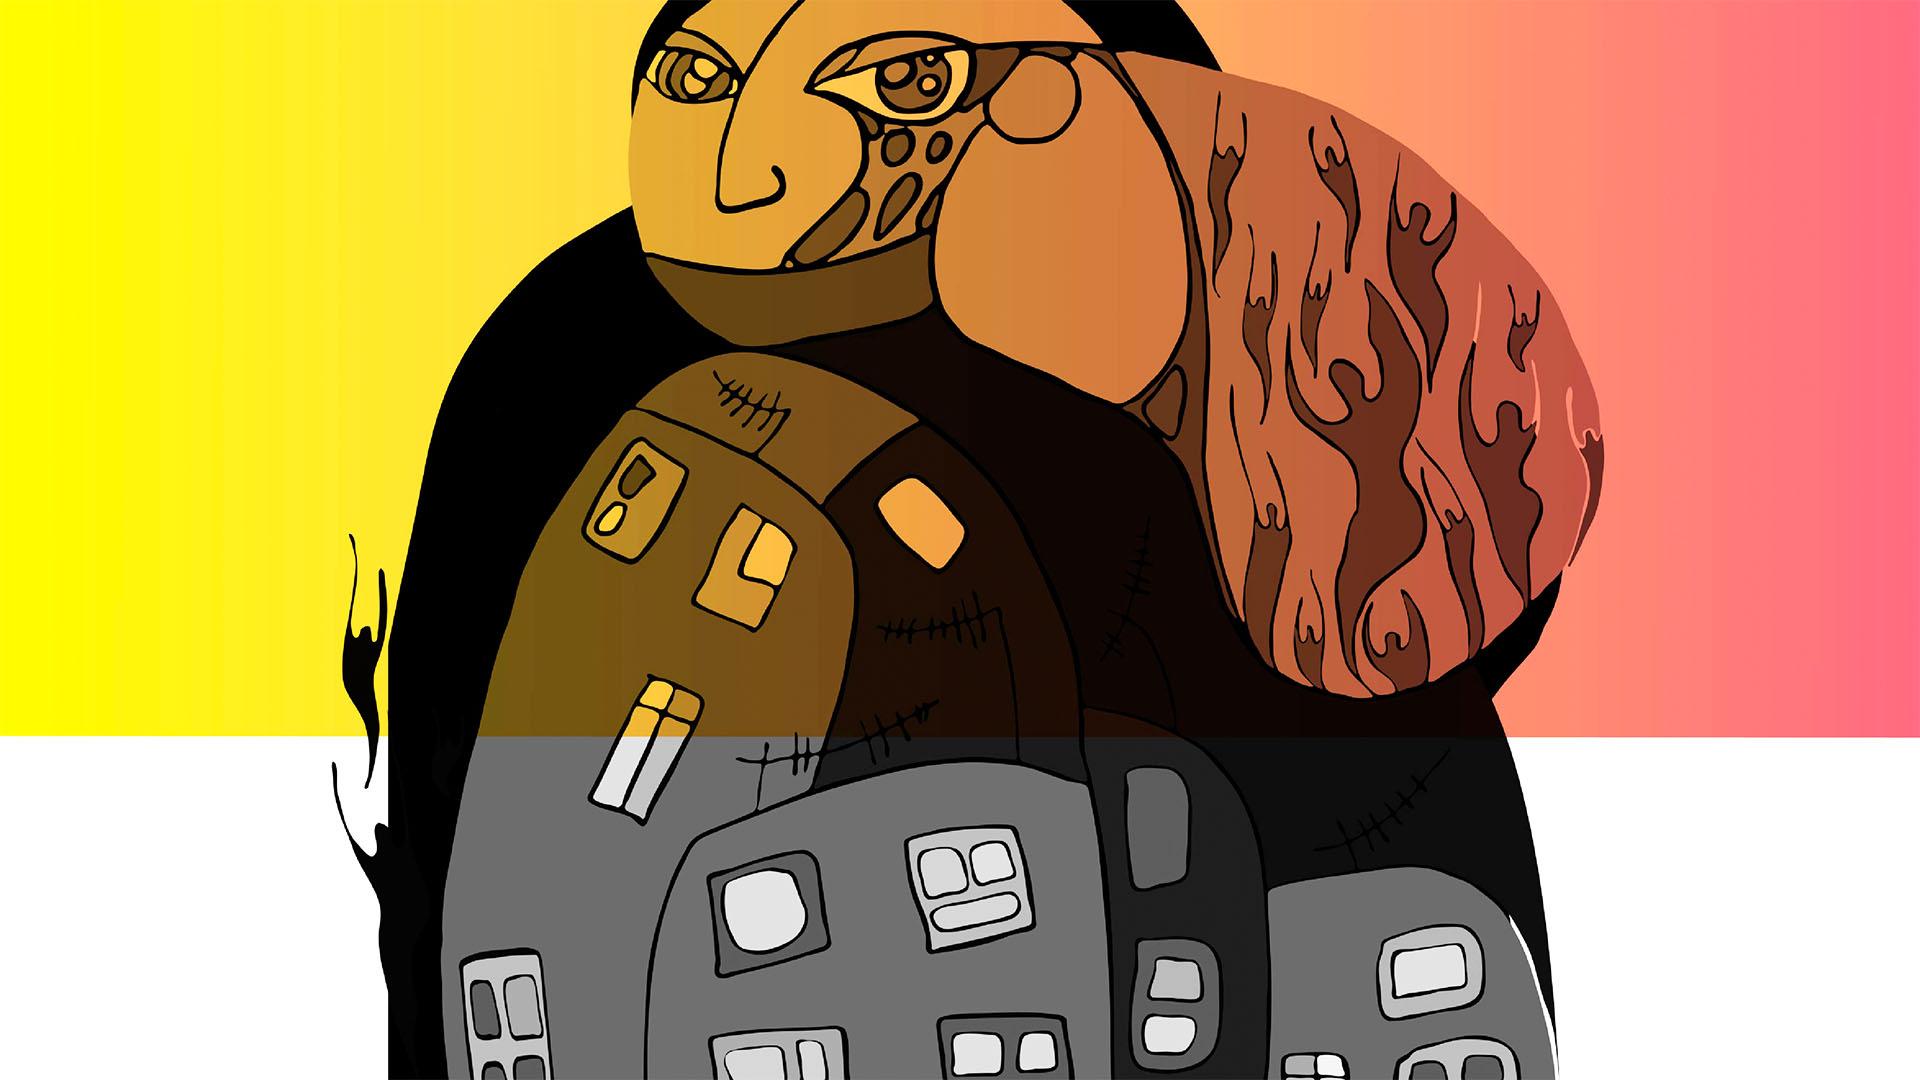 #MonitorDeVíctimas | El dolor despierta el activismo comunitario, por Gabriela Caveda y Guillermo Sardi